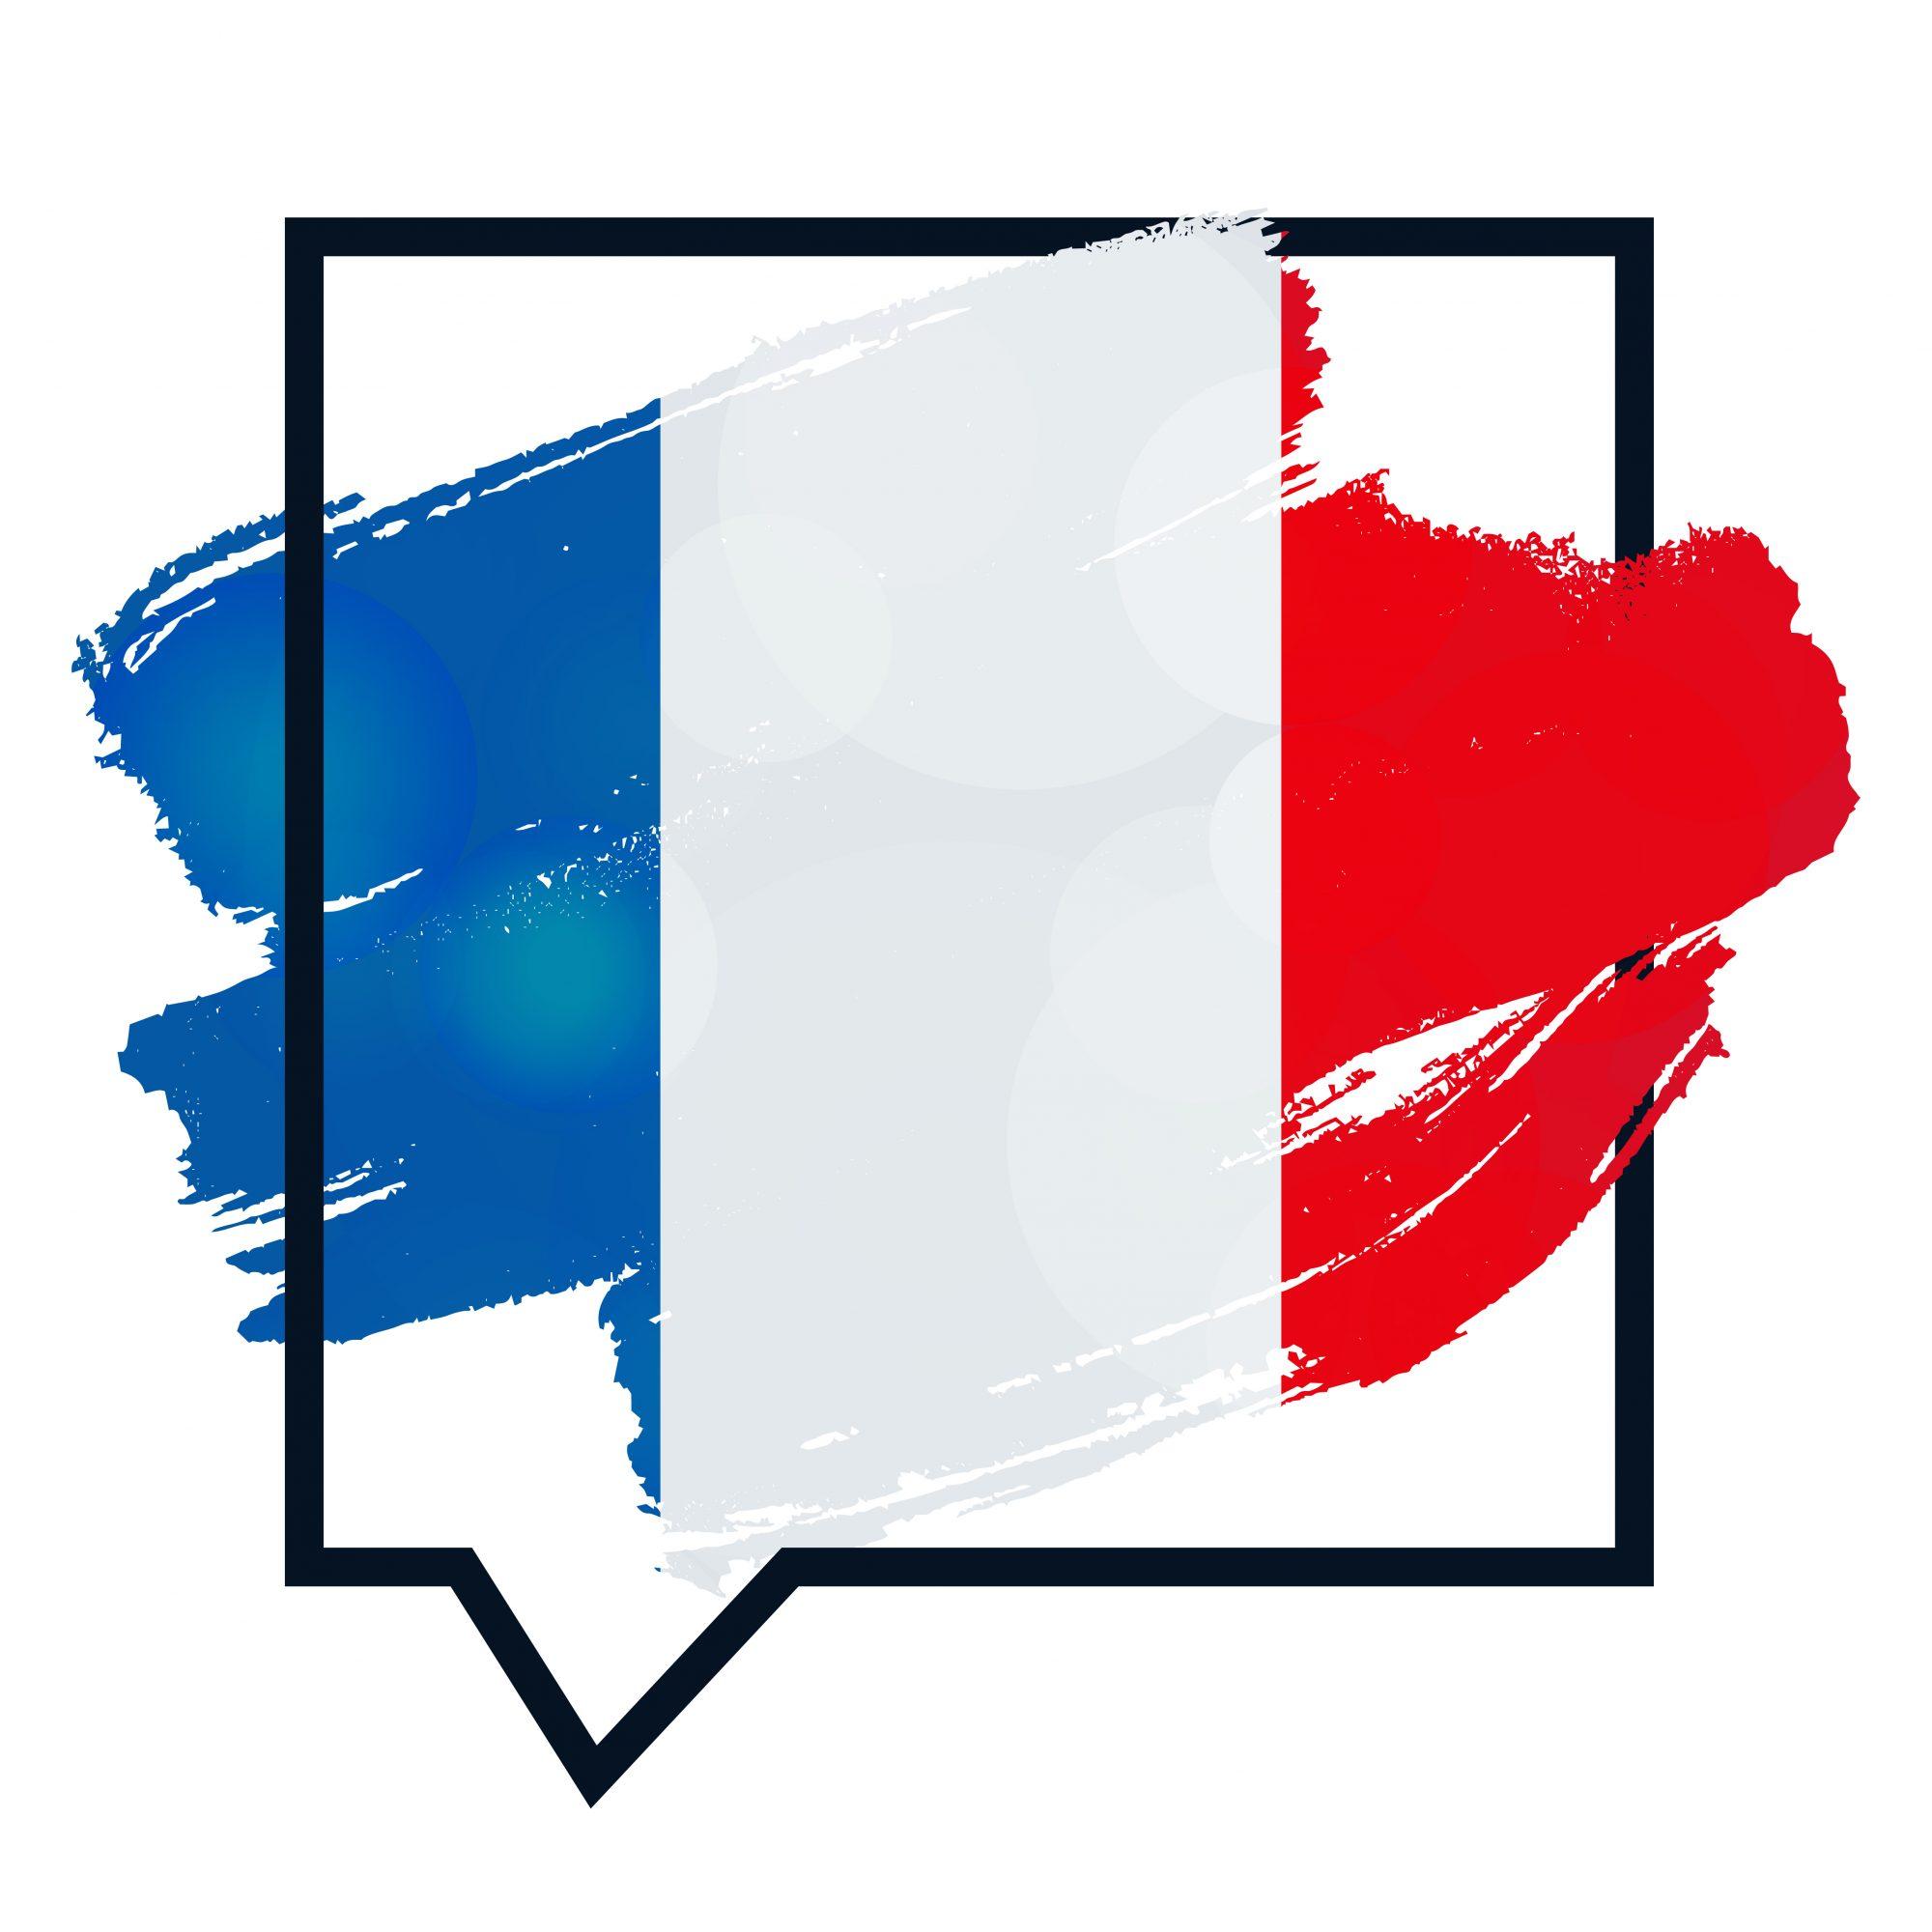 La Team Padel France pour le mondial des jeunes de padel 2019